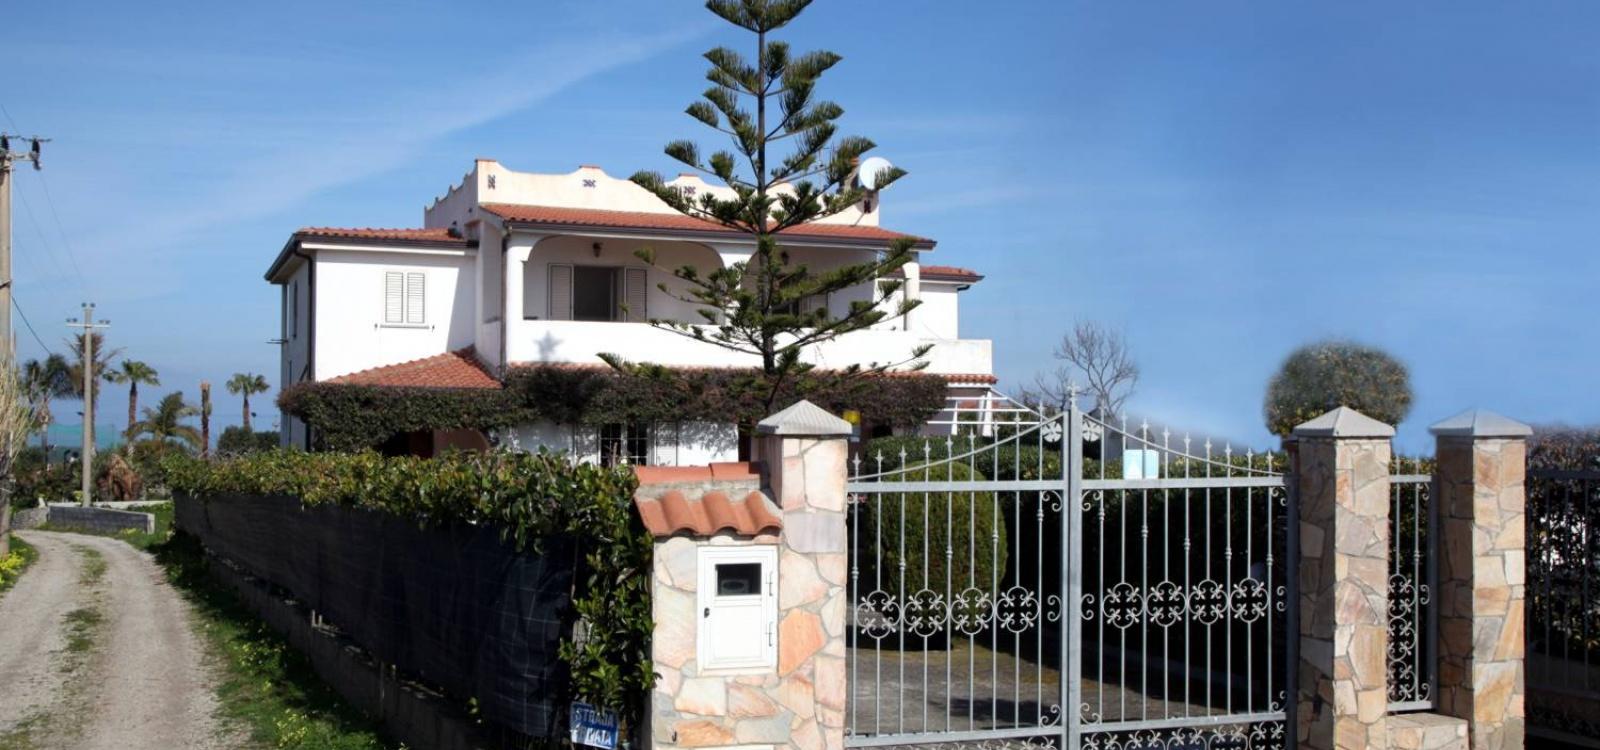 Casa vacanza Terry a Capo Vaticano di Ricadi